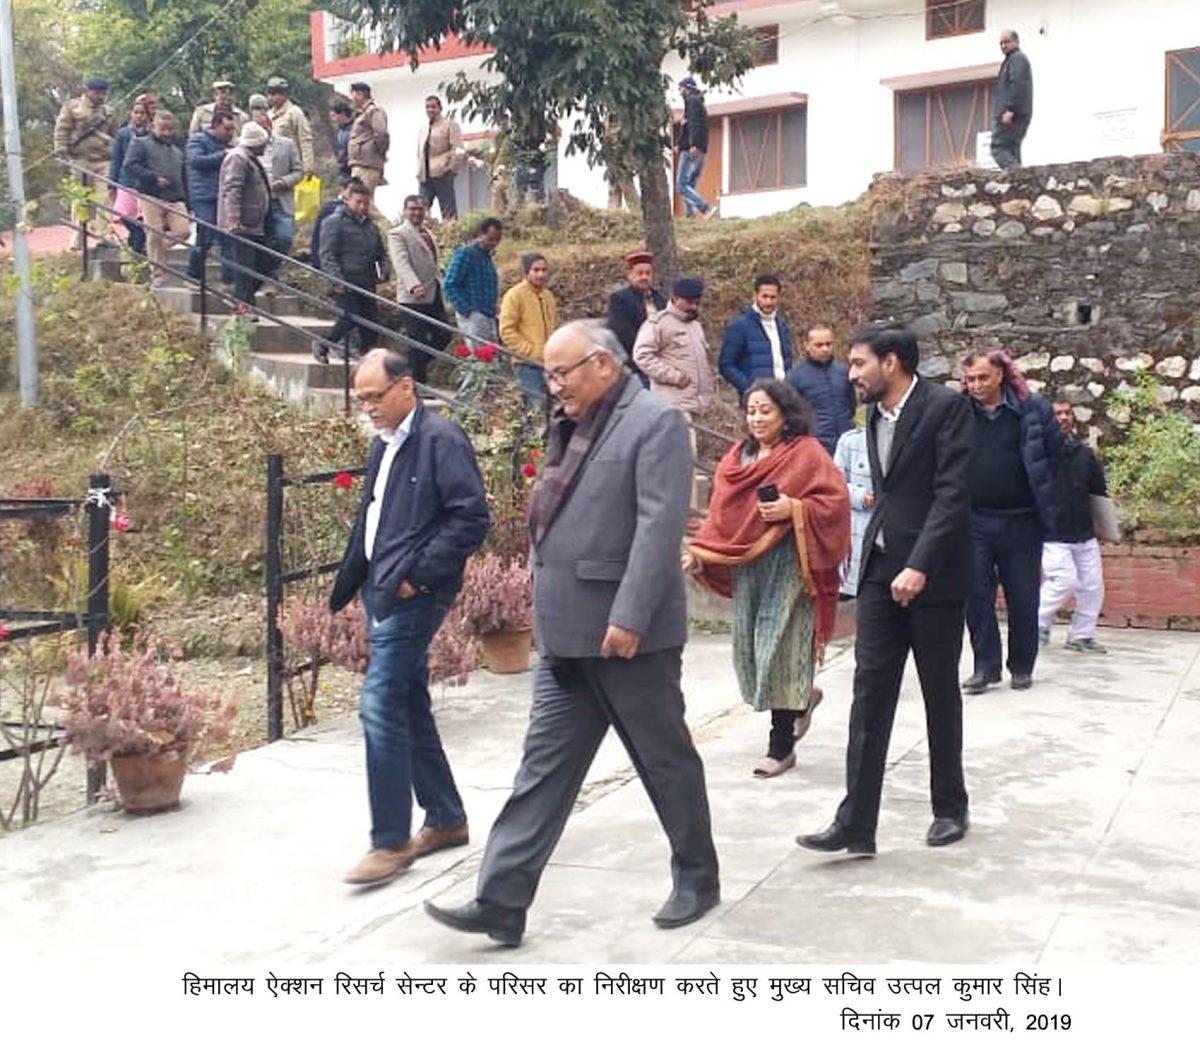 मुख्य सचिव उत्पल कुमार ने की पहाडों में हार्क द्वारा किये गये कार्यों की जमकर तारिफ